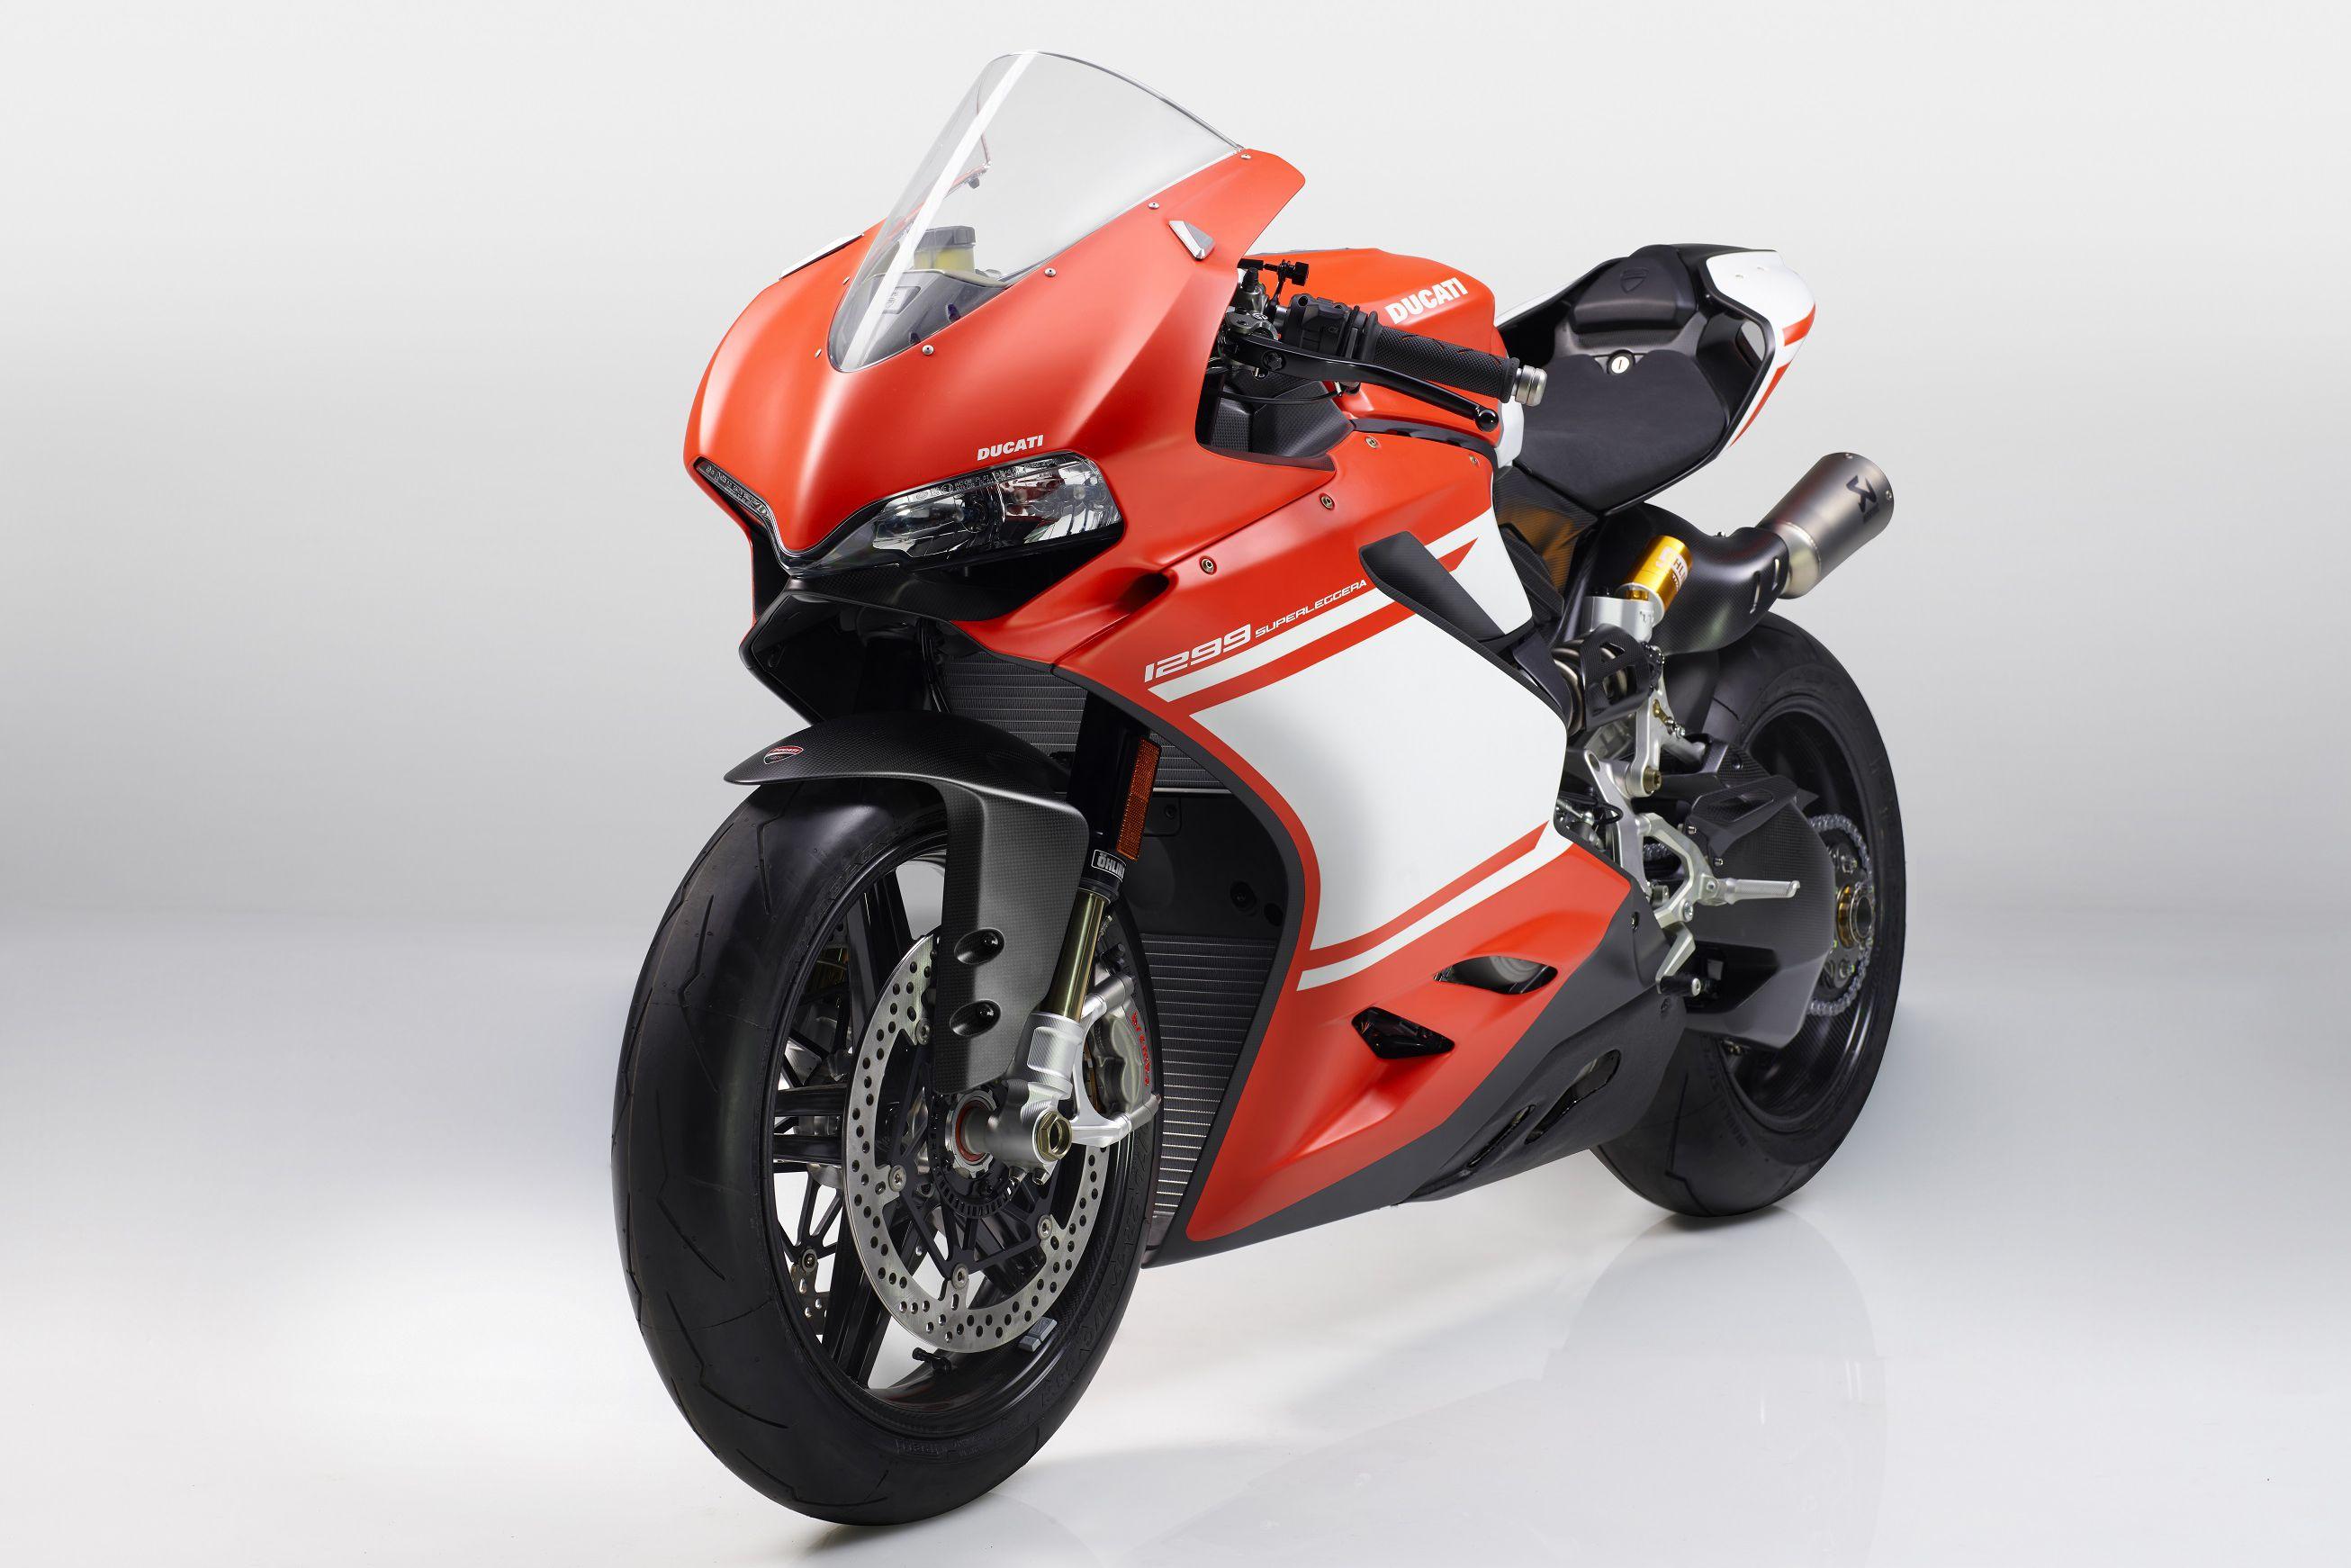 Ducati Superleggera Review